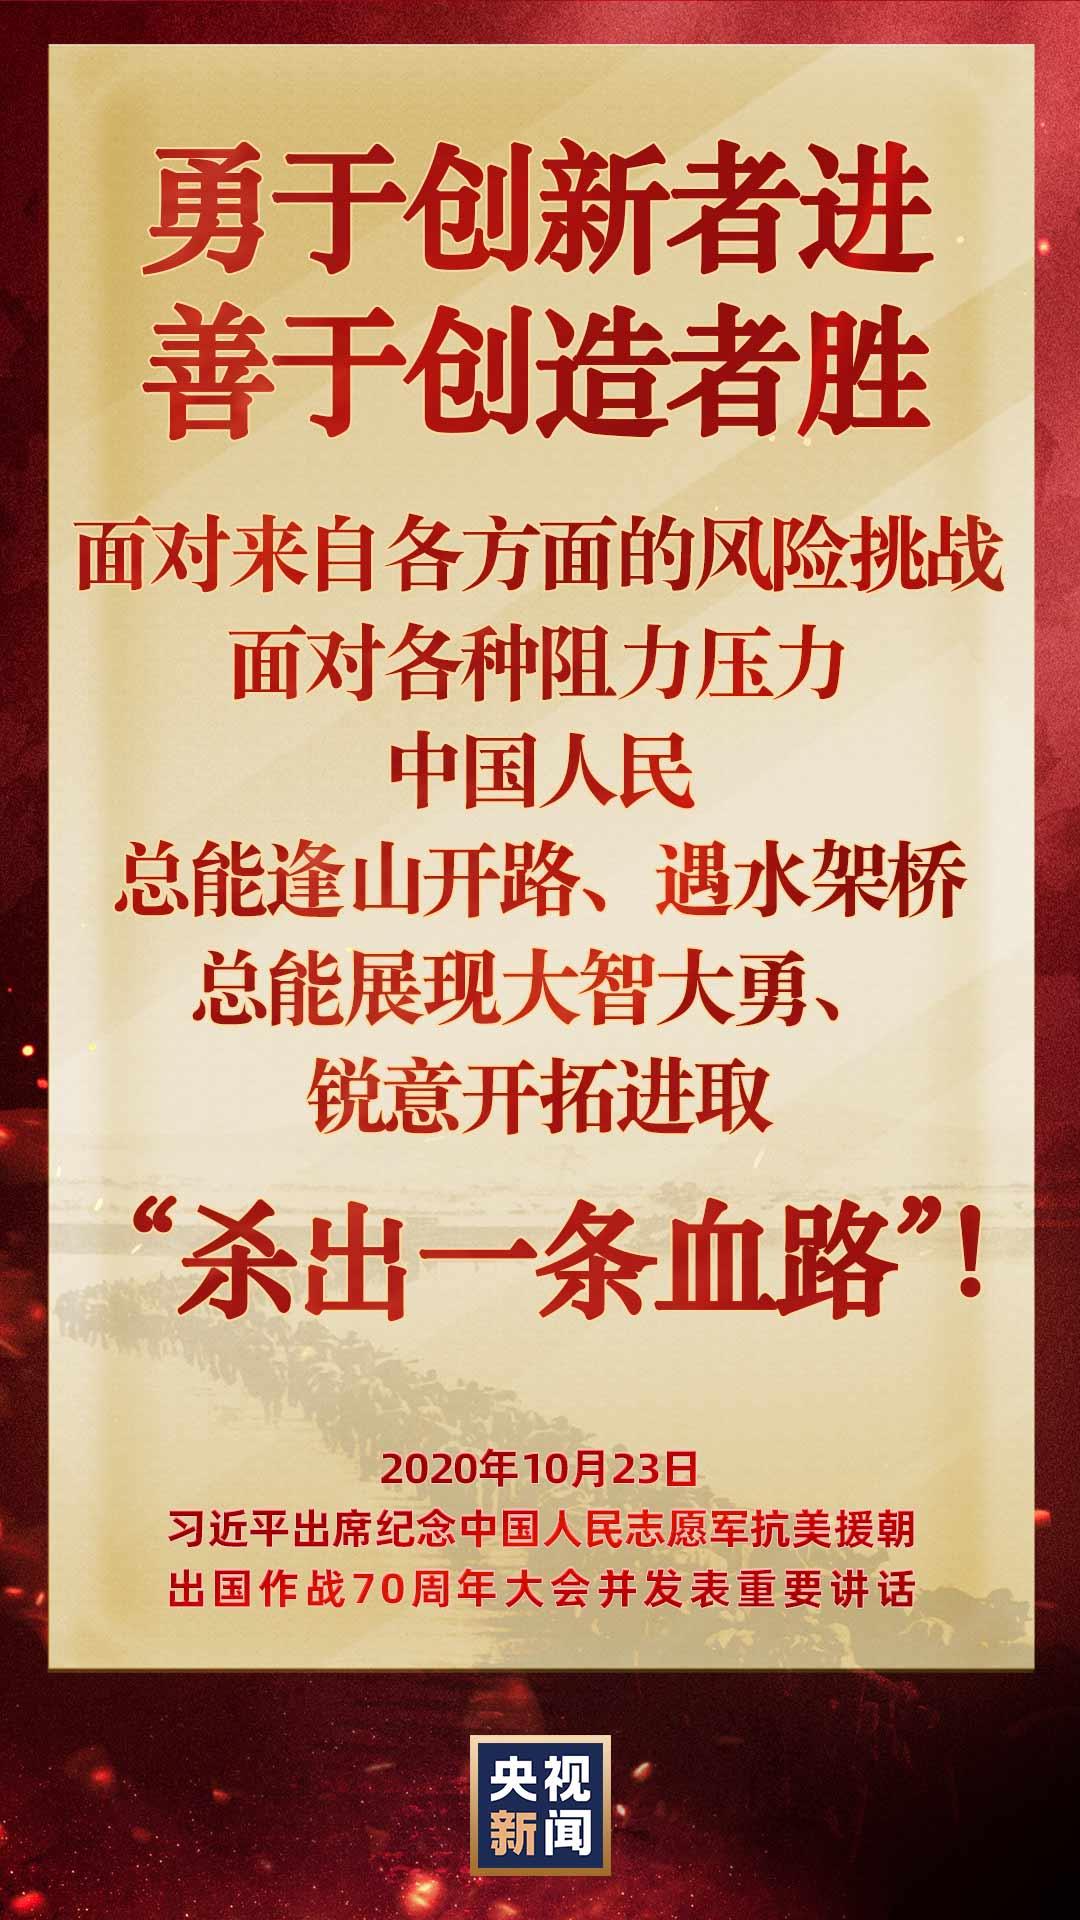 習近平這些話, 讓每個中國人熱血沸騰!-圖9